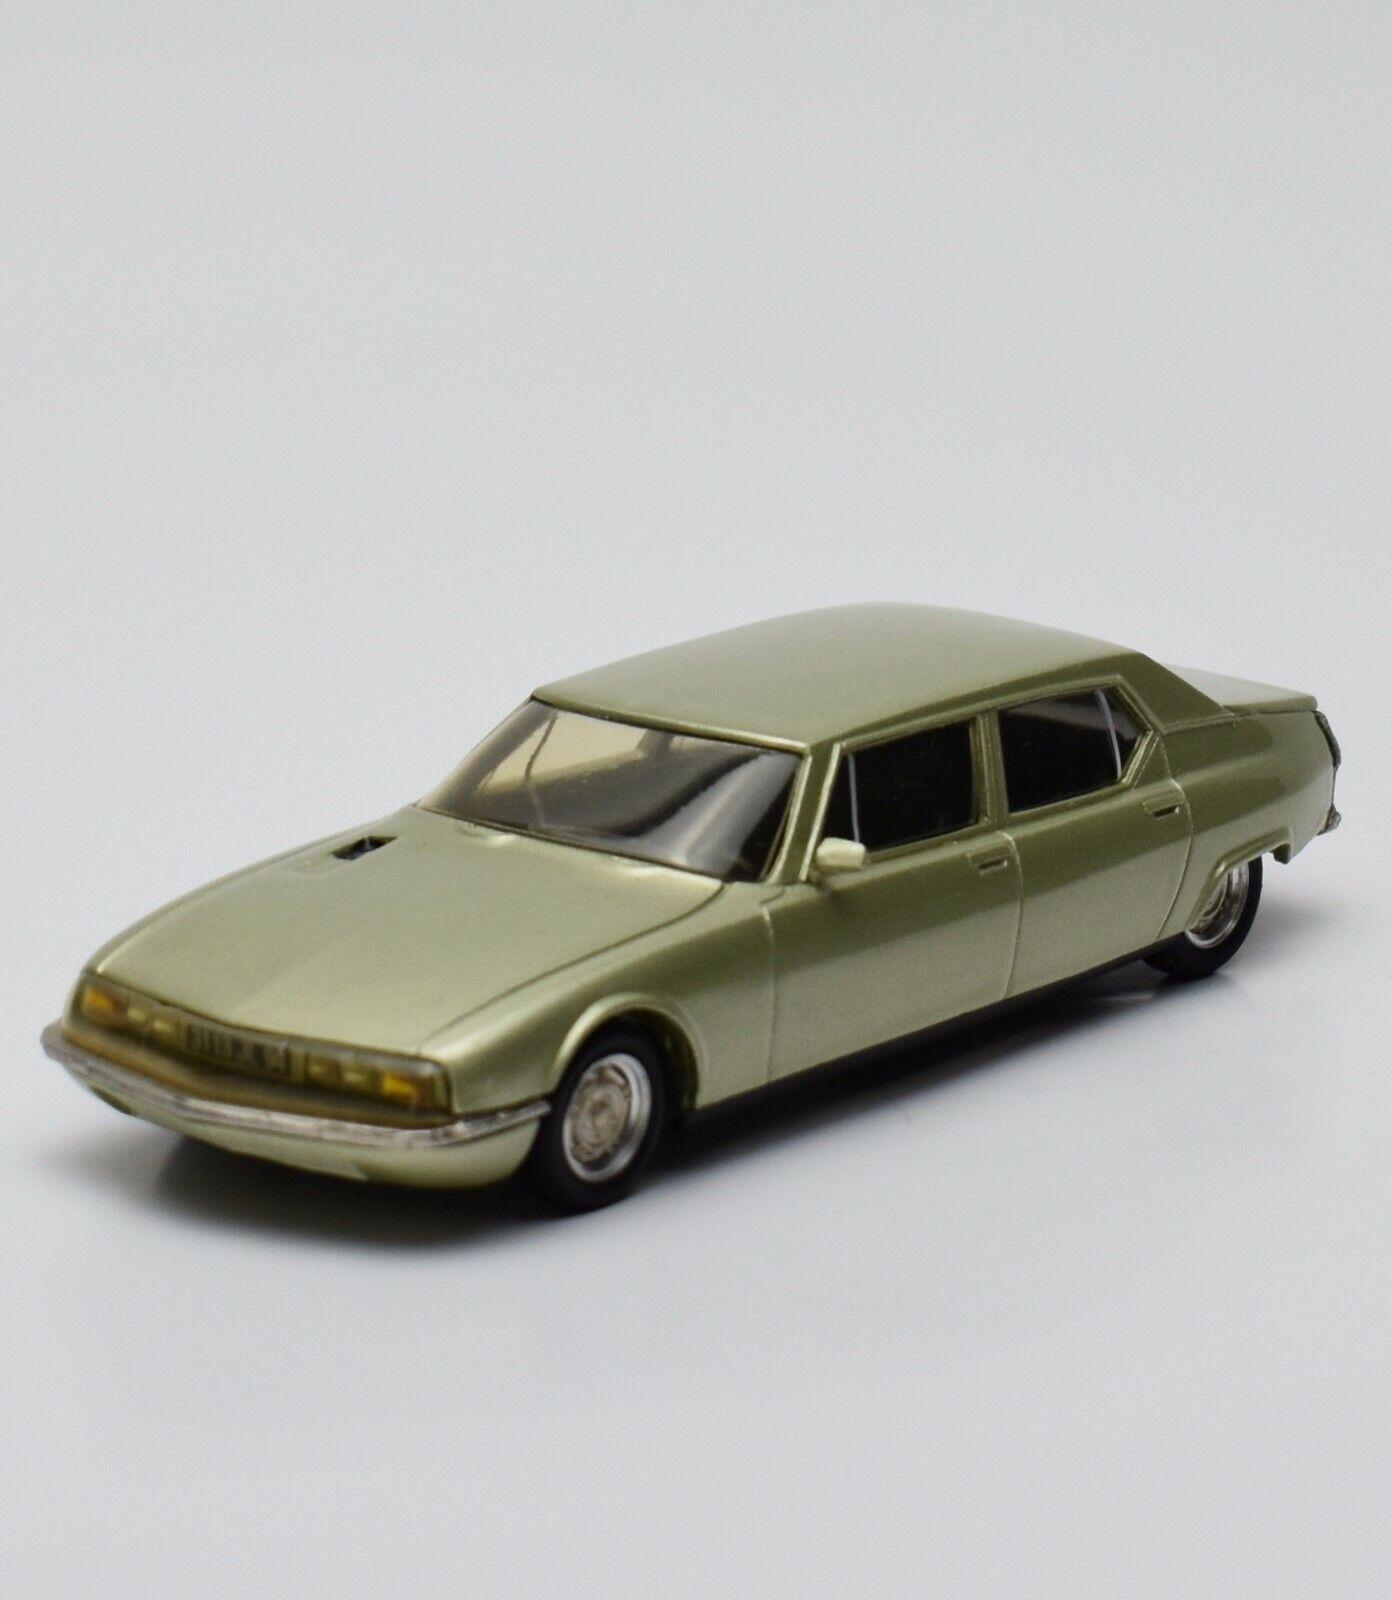 RARE Ministyle CITROEN SM OPERA Limousine dans champ Anger laqué, 1 43, v002